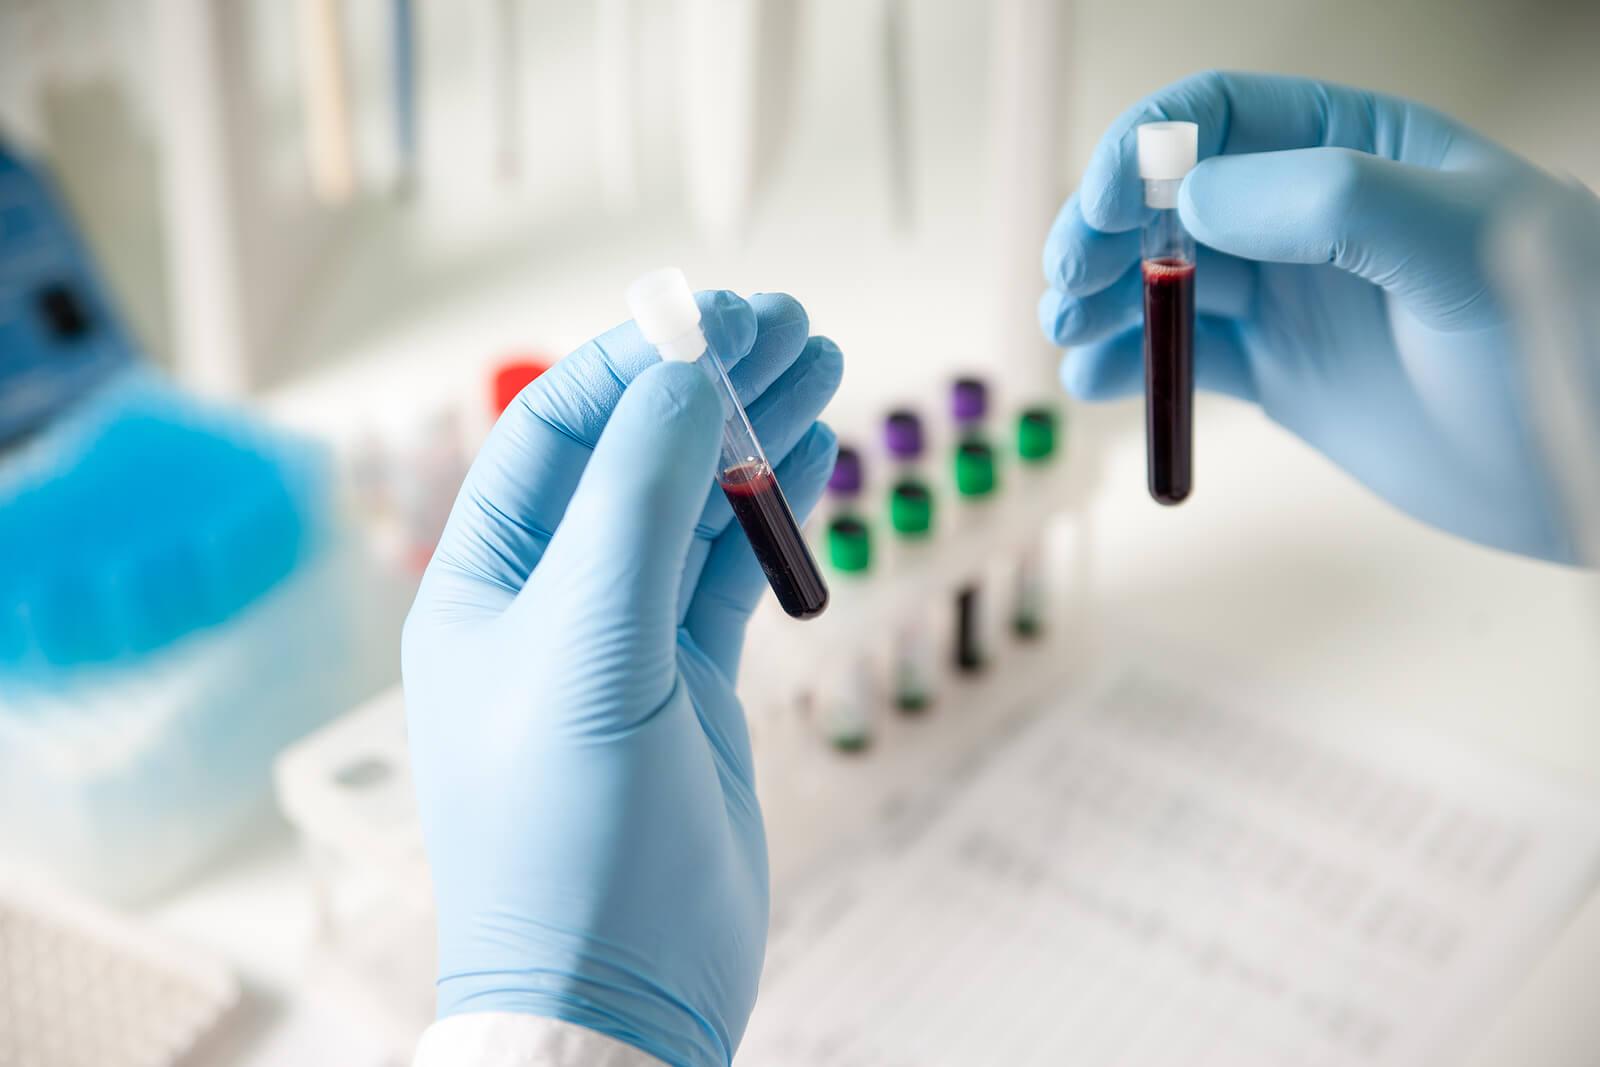 Echantillons de sang en laboratoire.